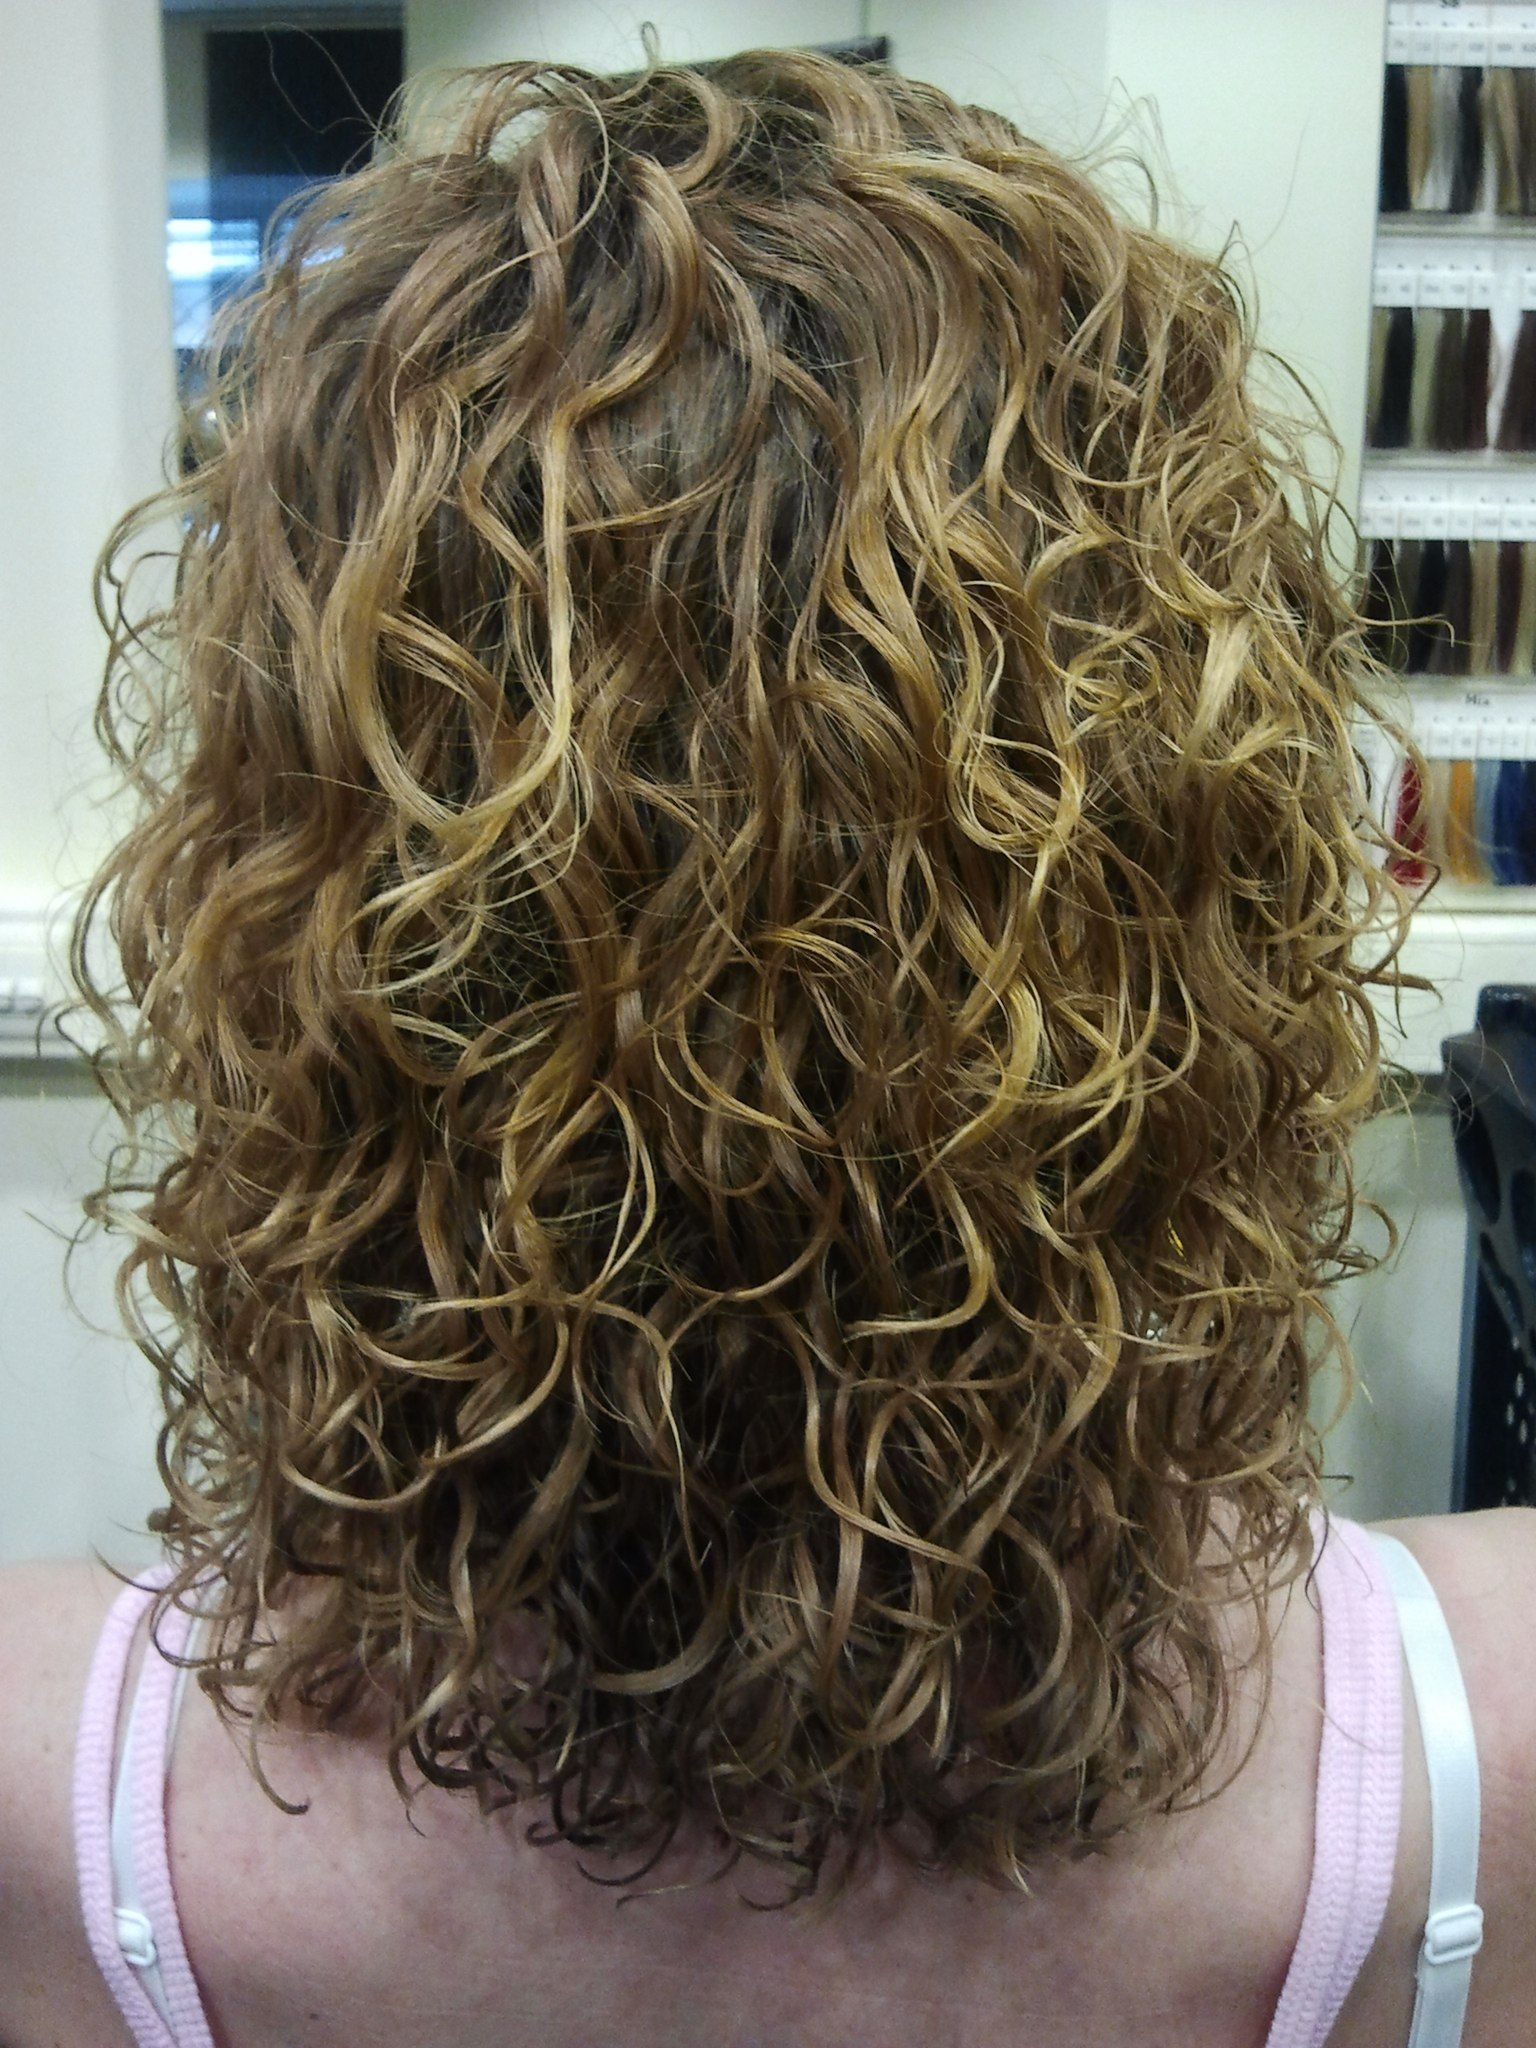 Big Curls Highlights Medium Length Permed Hairstyles Short